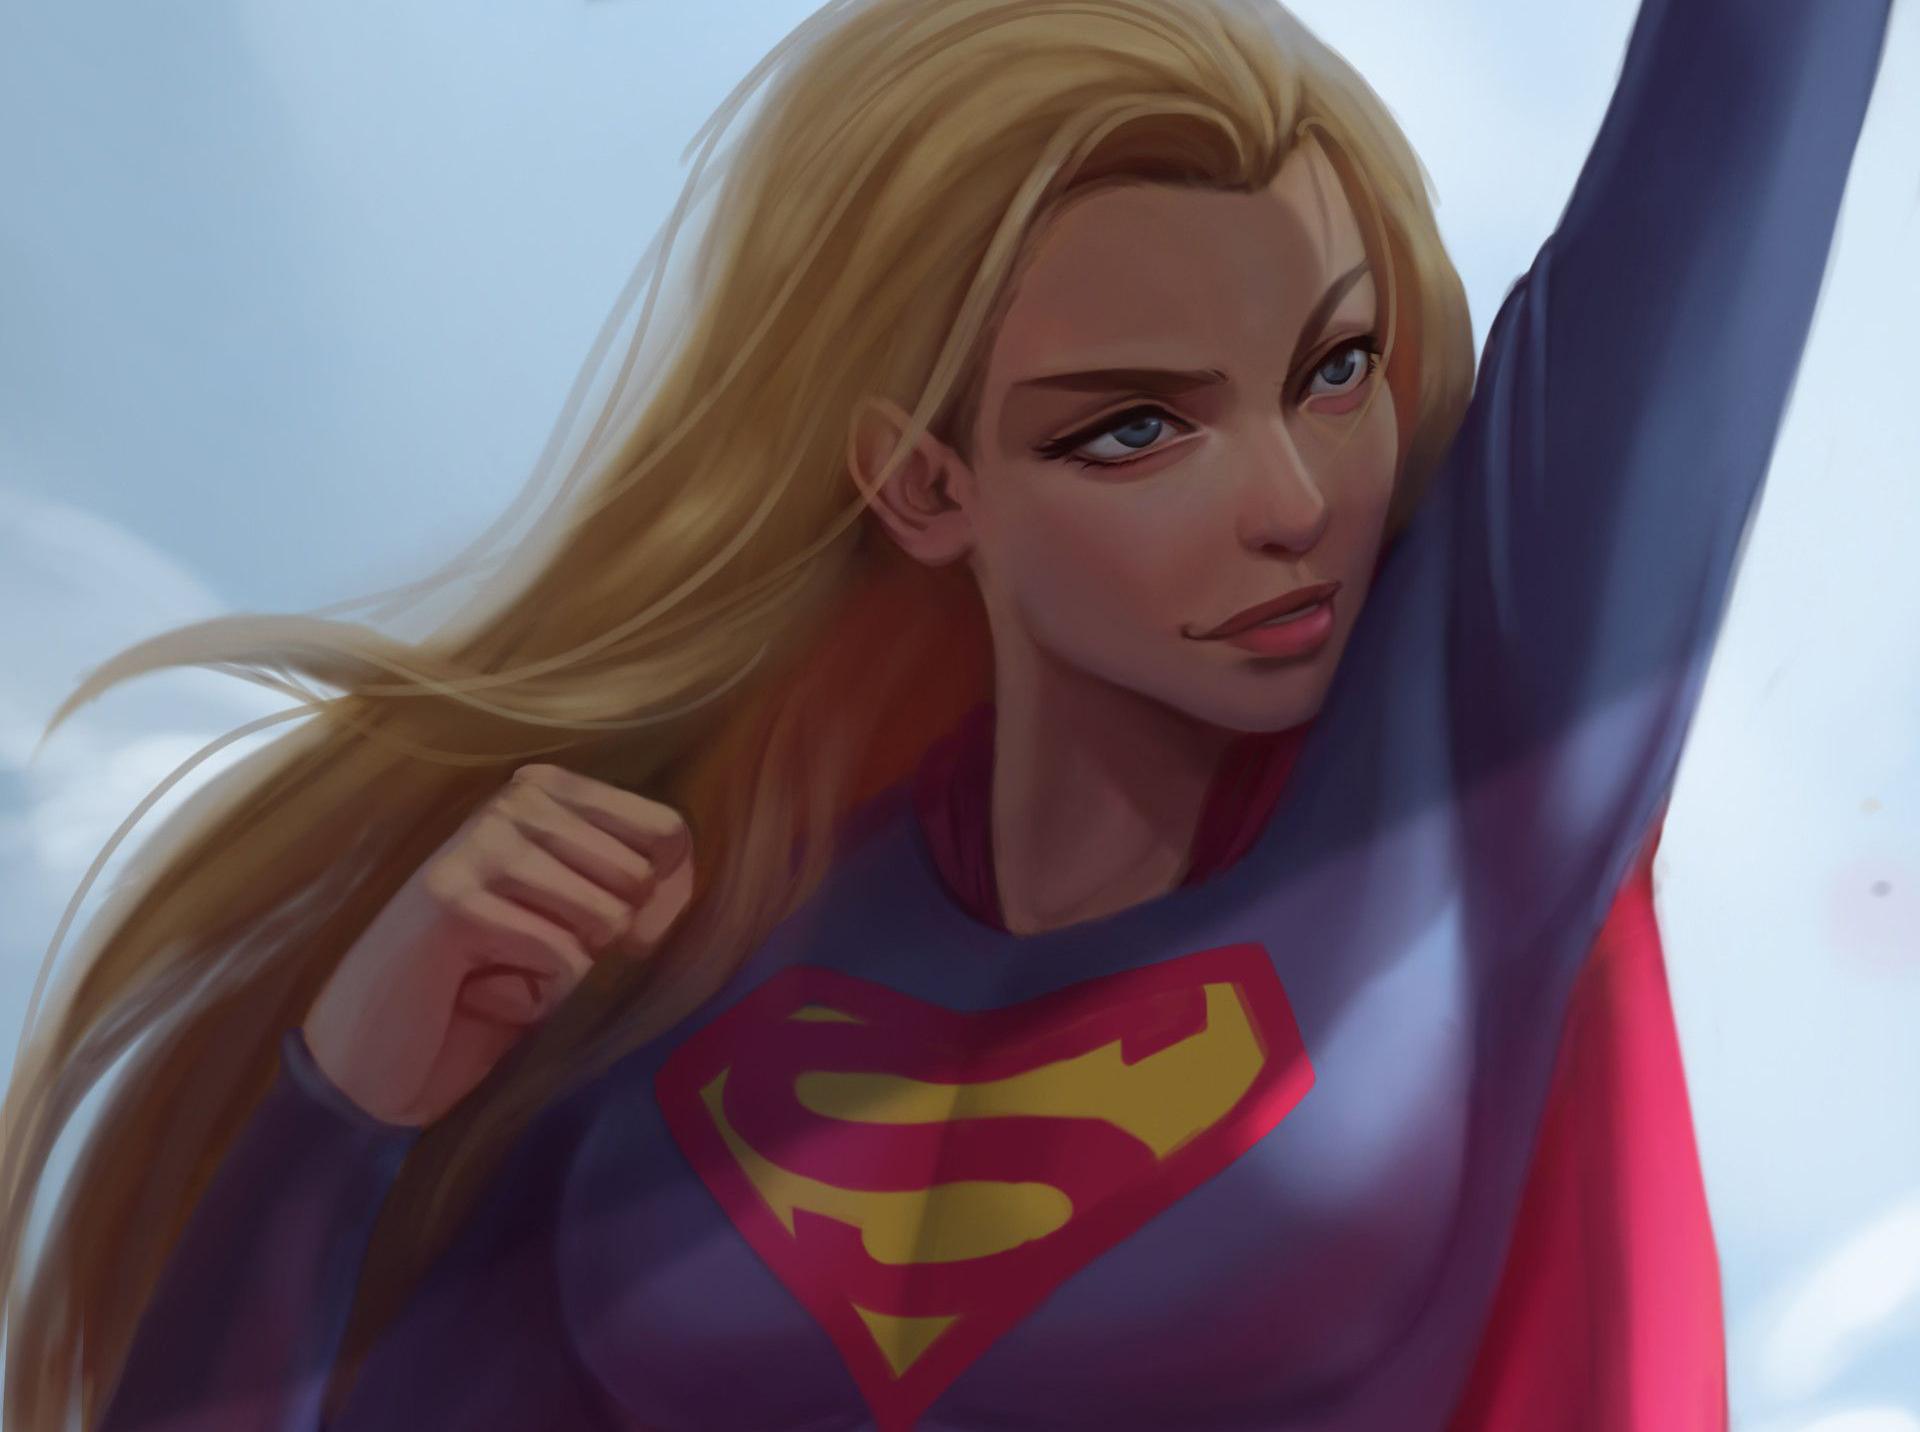 Cute Supergirl Artwork, HD Superheroes, 4k Wallpapers ...